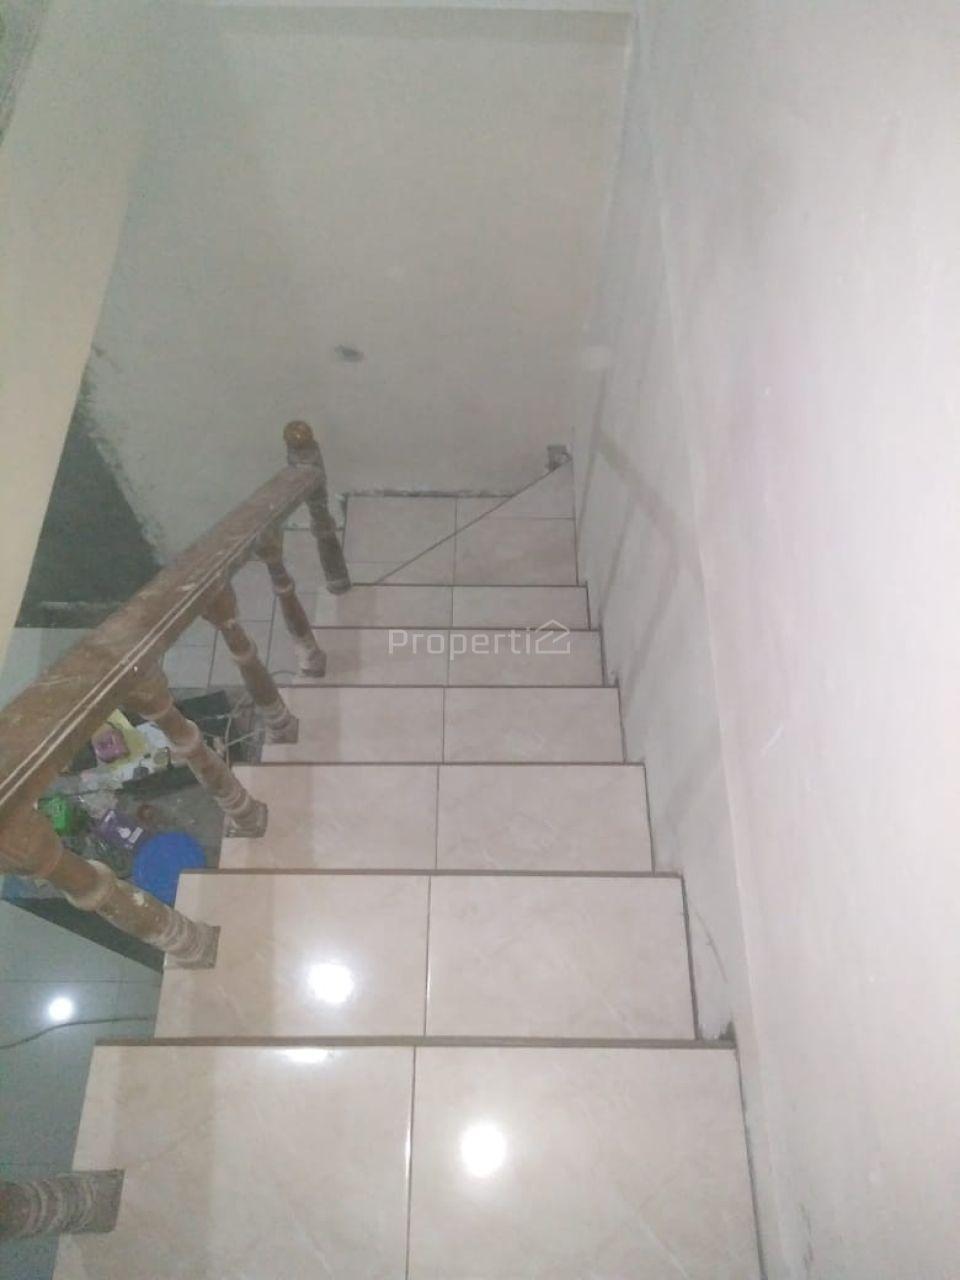 Rumah Baru di Cimanggis, Kota Depok, Cimanggis